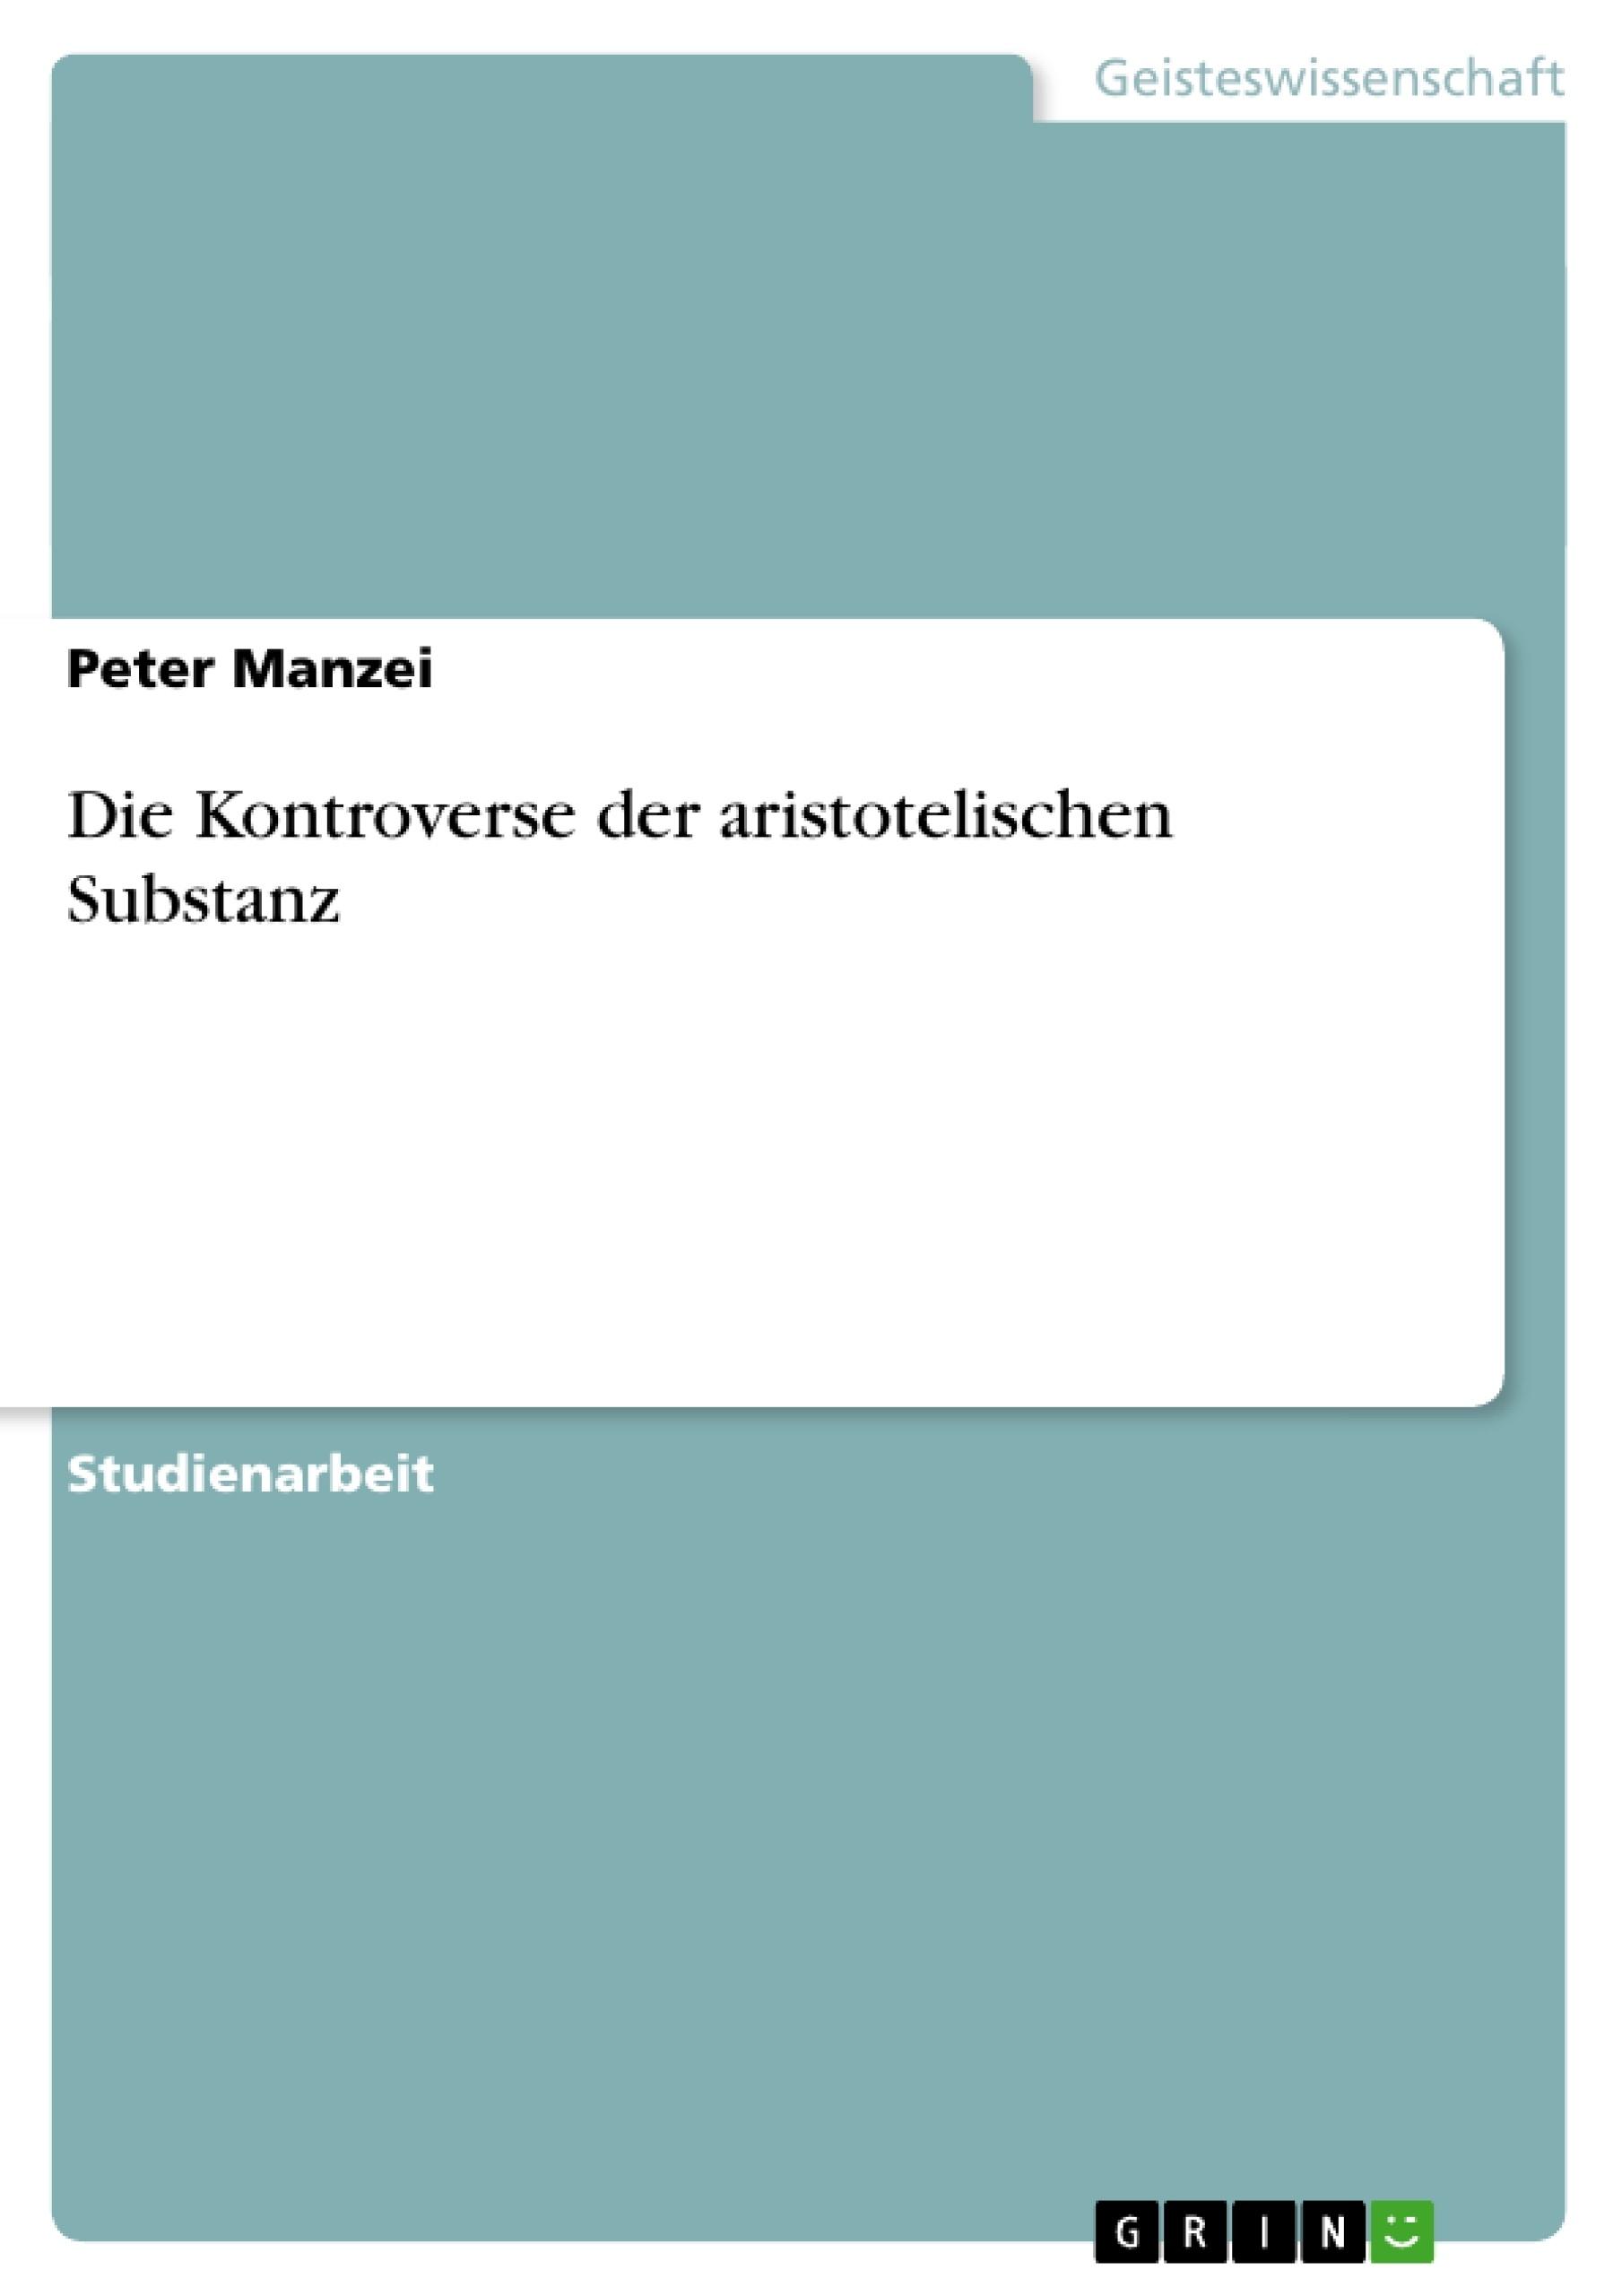 Titel: Die Kontroverse der aristotelischen Substanz